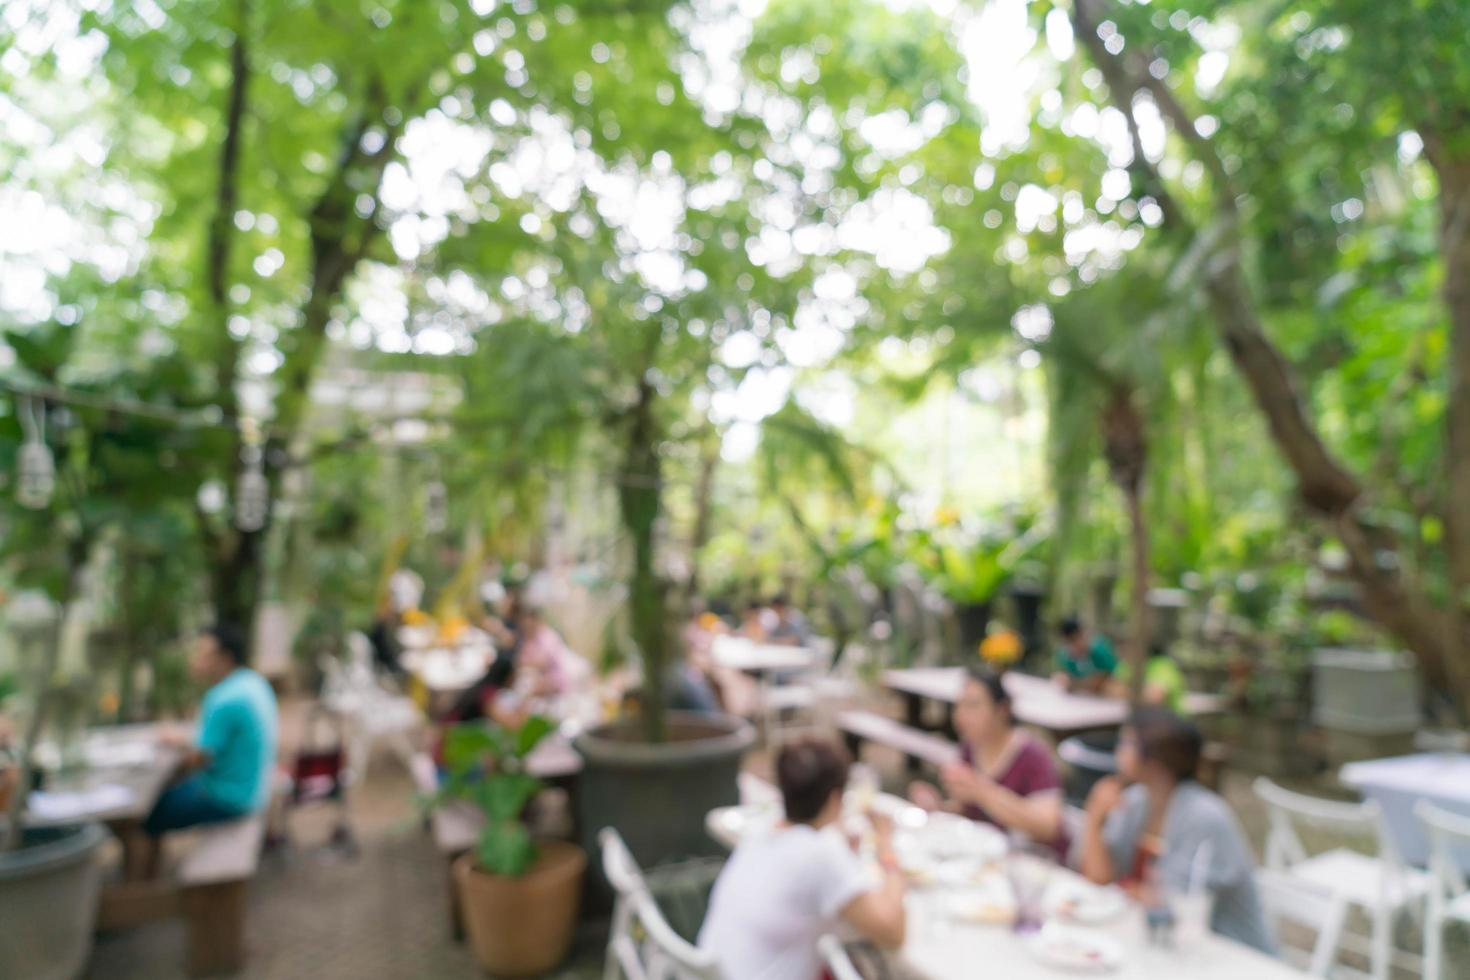 abstract vervagen mensen in openluchtrestaurant voor achtergrond foto